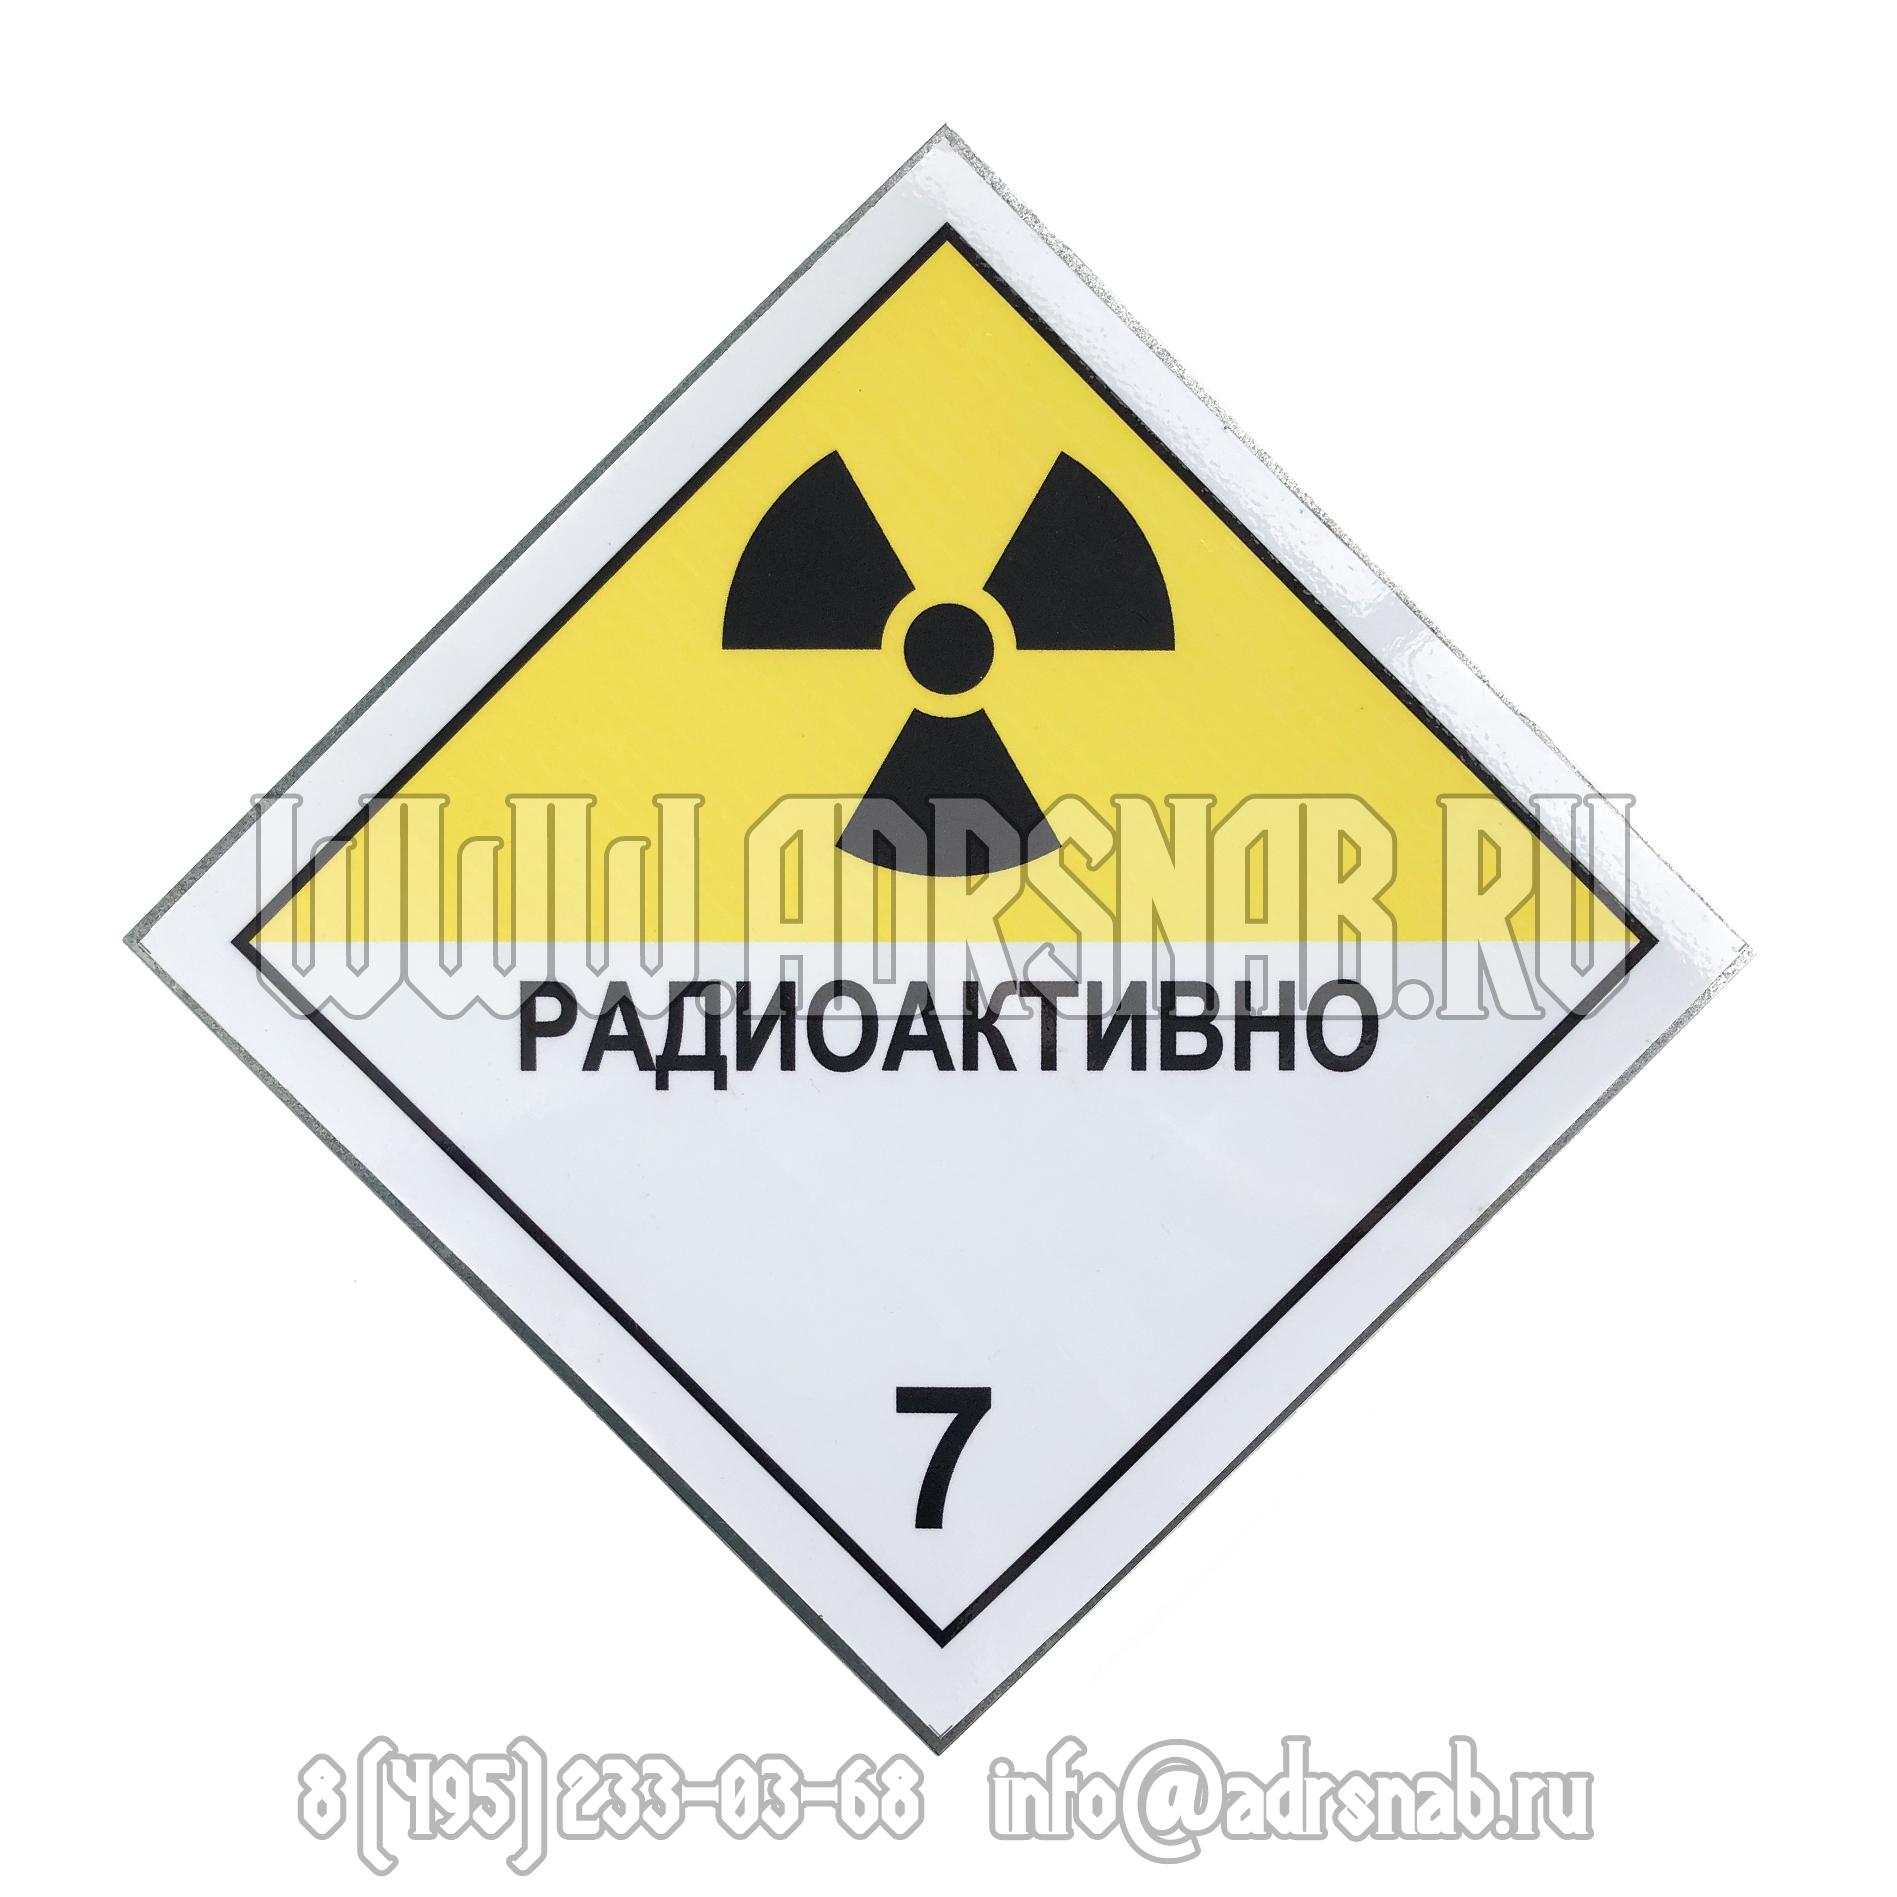 Пластина для знаков опасности с наклеенным знаком опасности